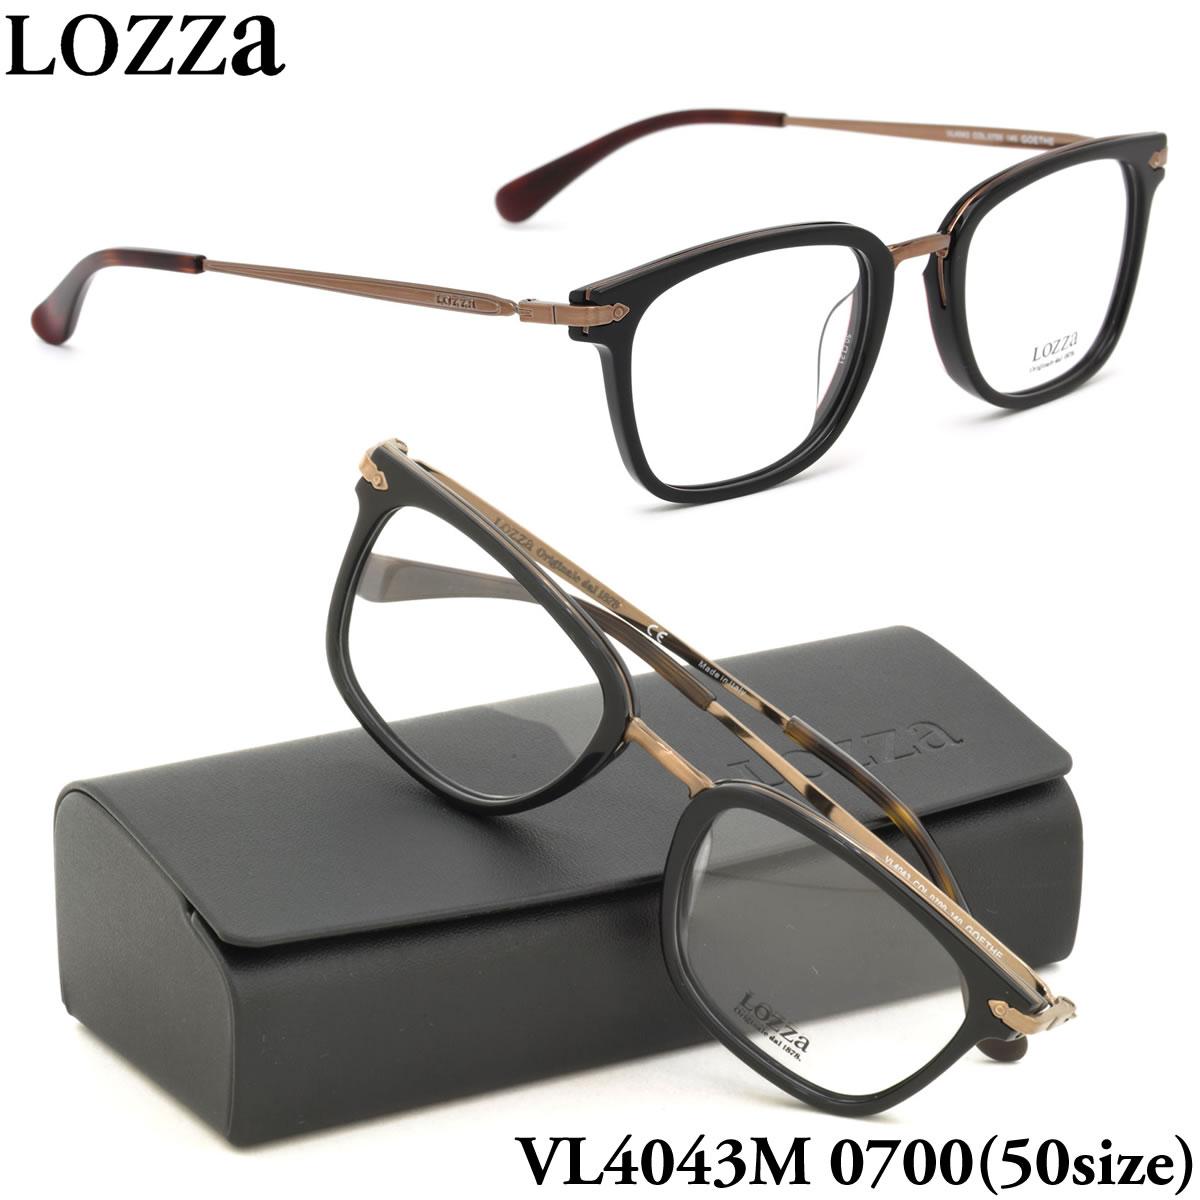 ほぼ全品ポイント15倍~最大43倍+3倍!お得なクーポンも! 【LOZZA】ロッツァ 眼鏡 メガネ フレーム VL4043M 0700 50サイズ GOETHE ウェリントン メンズ レディース